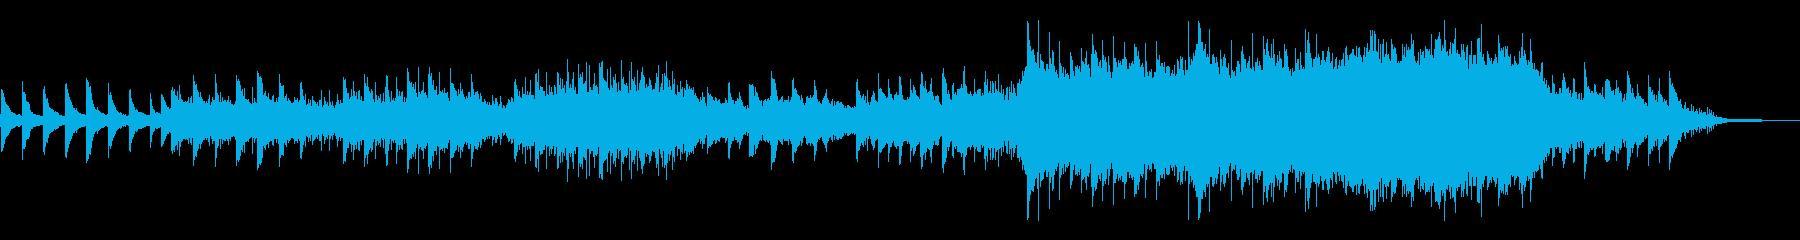 ゆっくりと盛り上がるシネマティックの再生済みの波形